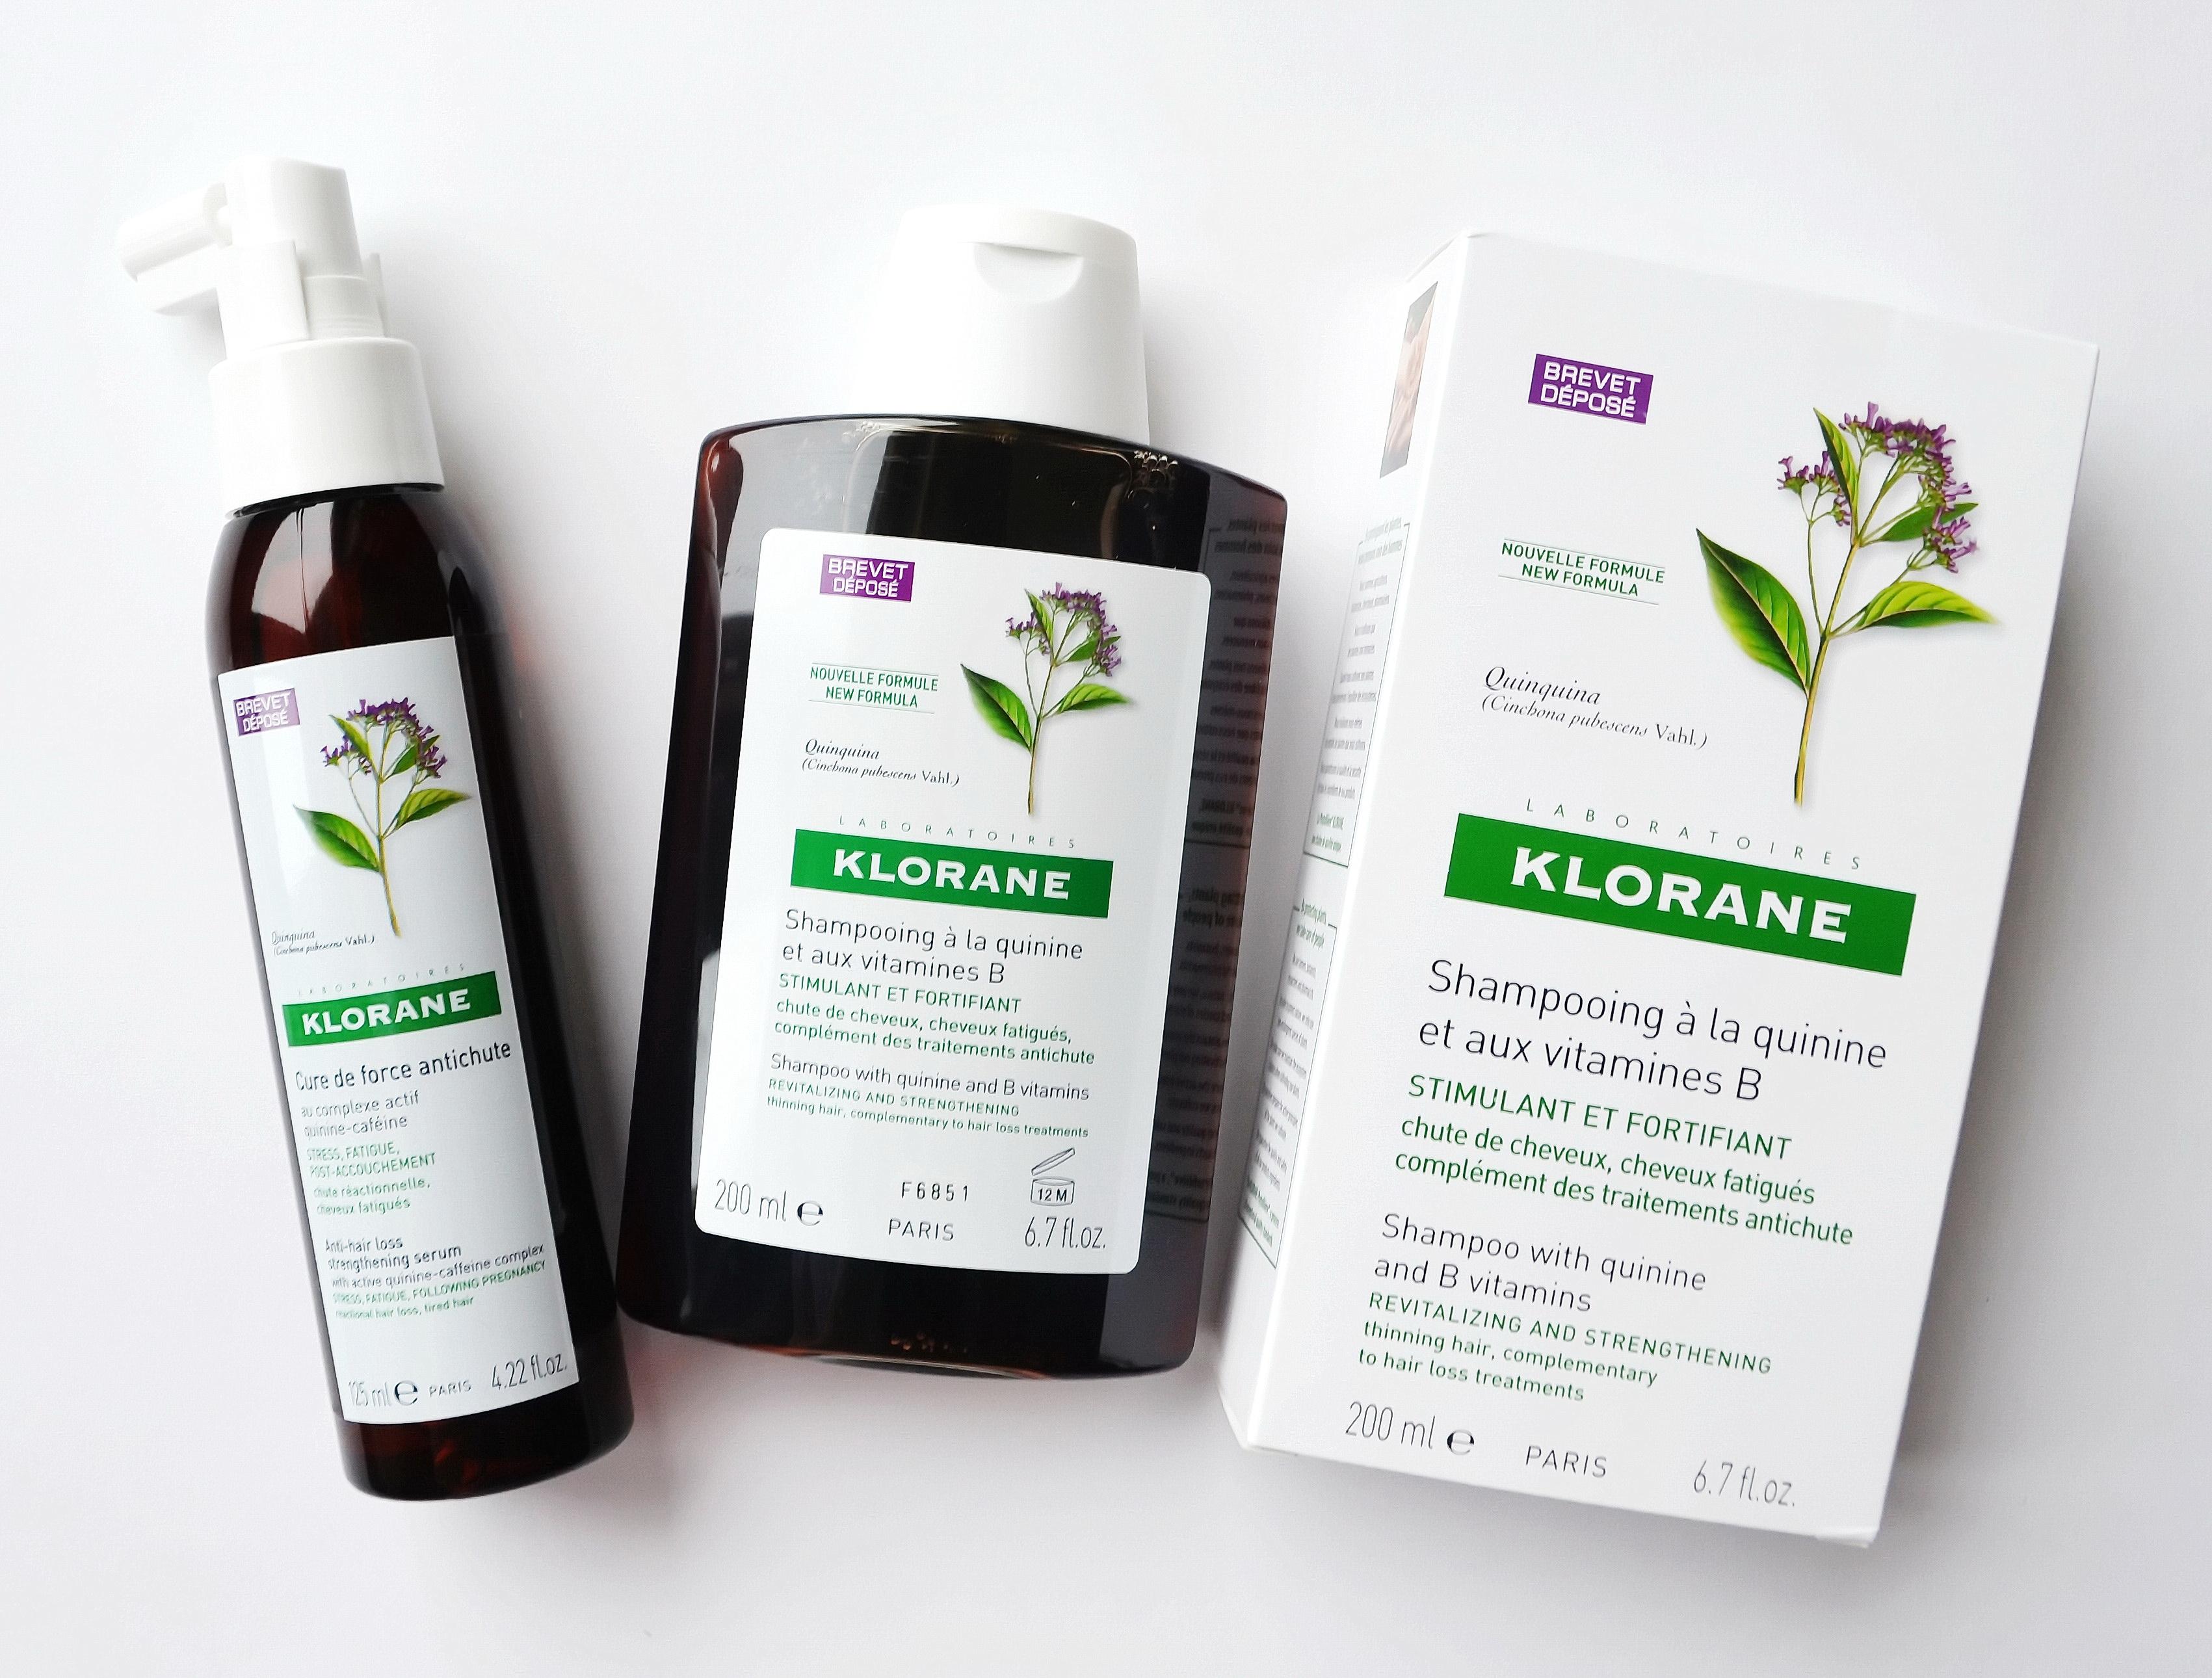 Шампунь KLORANE с экстрактом хинина